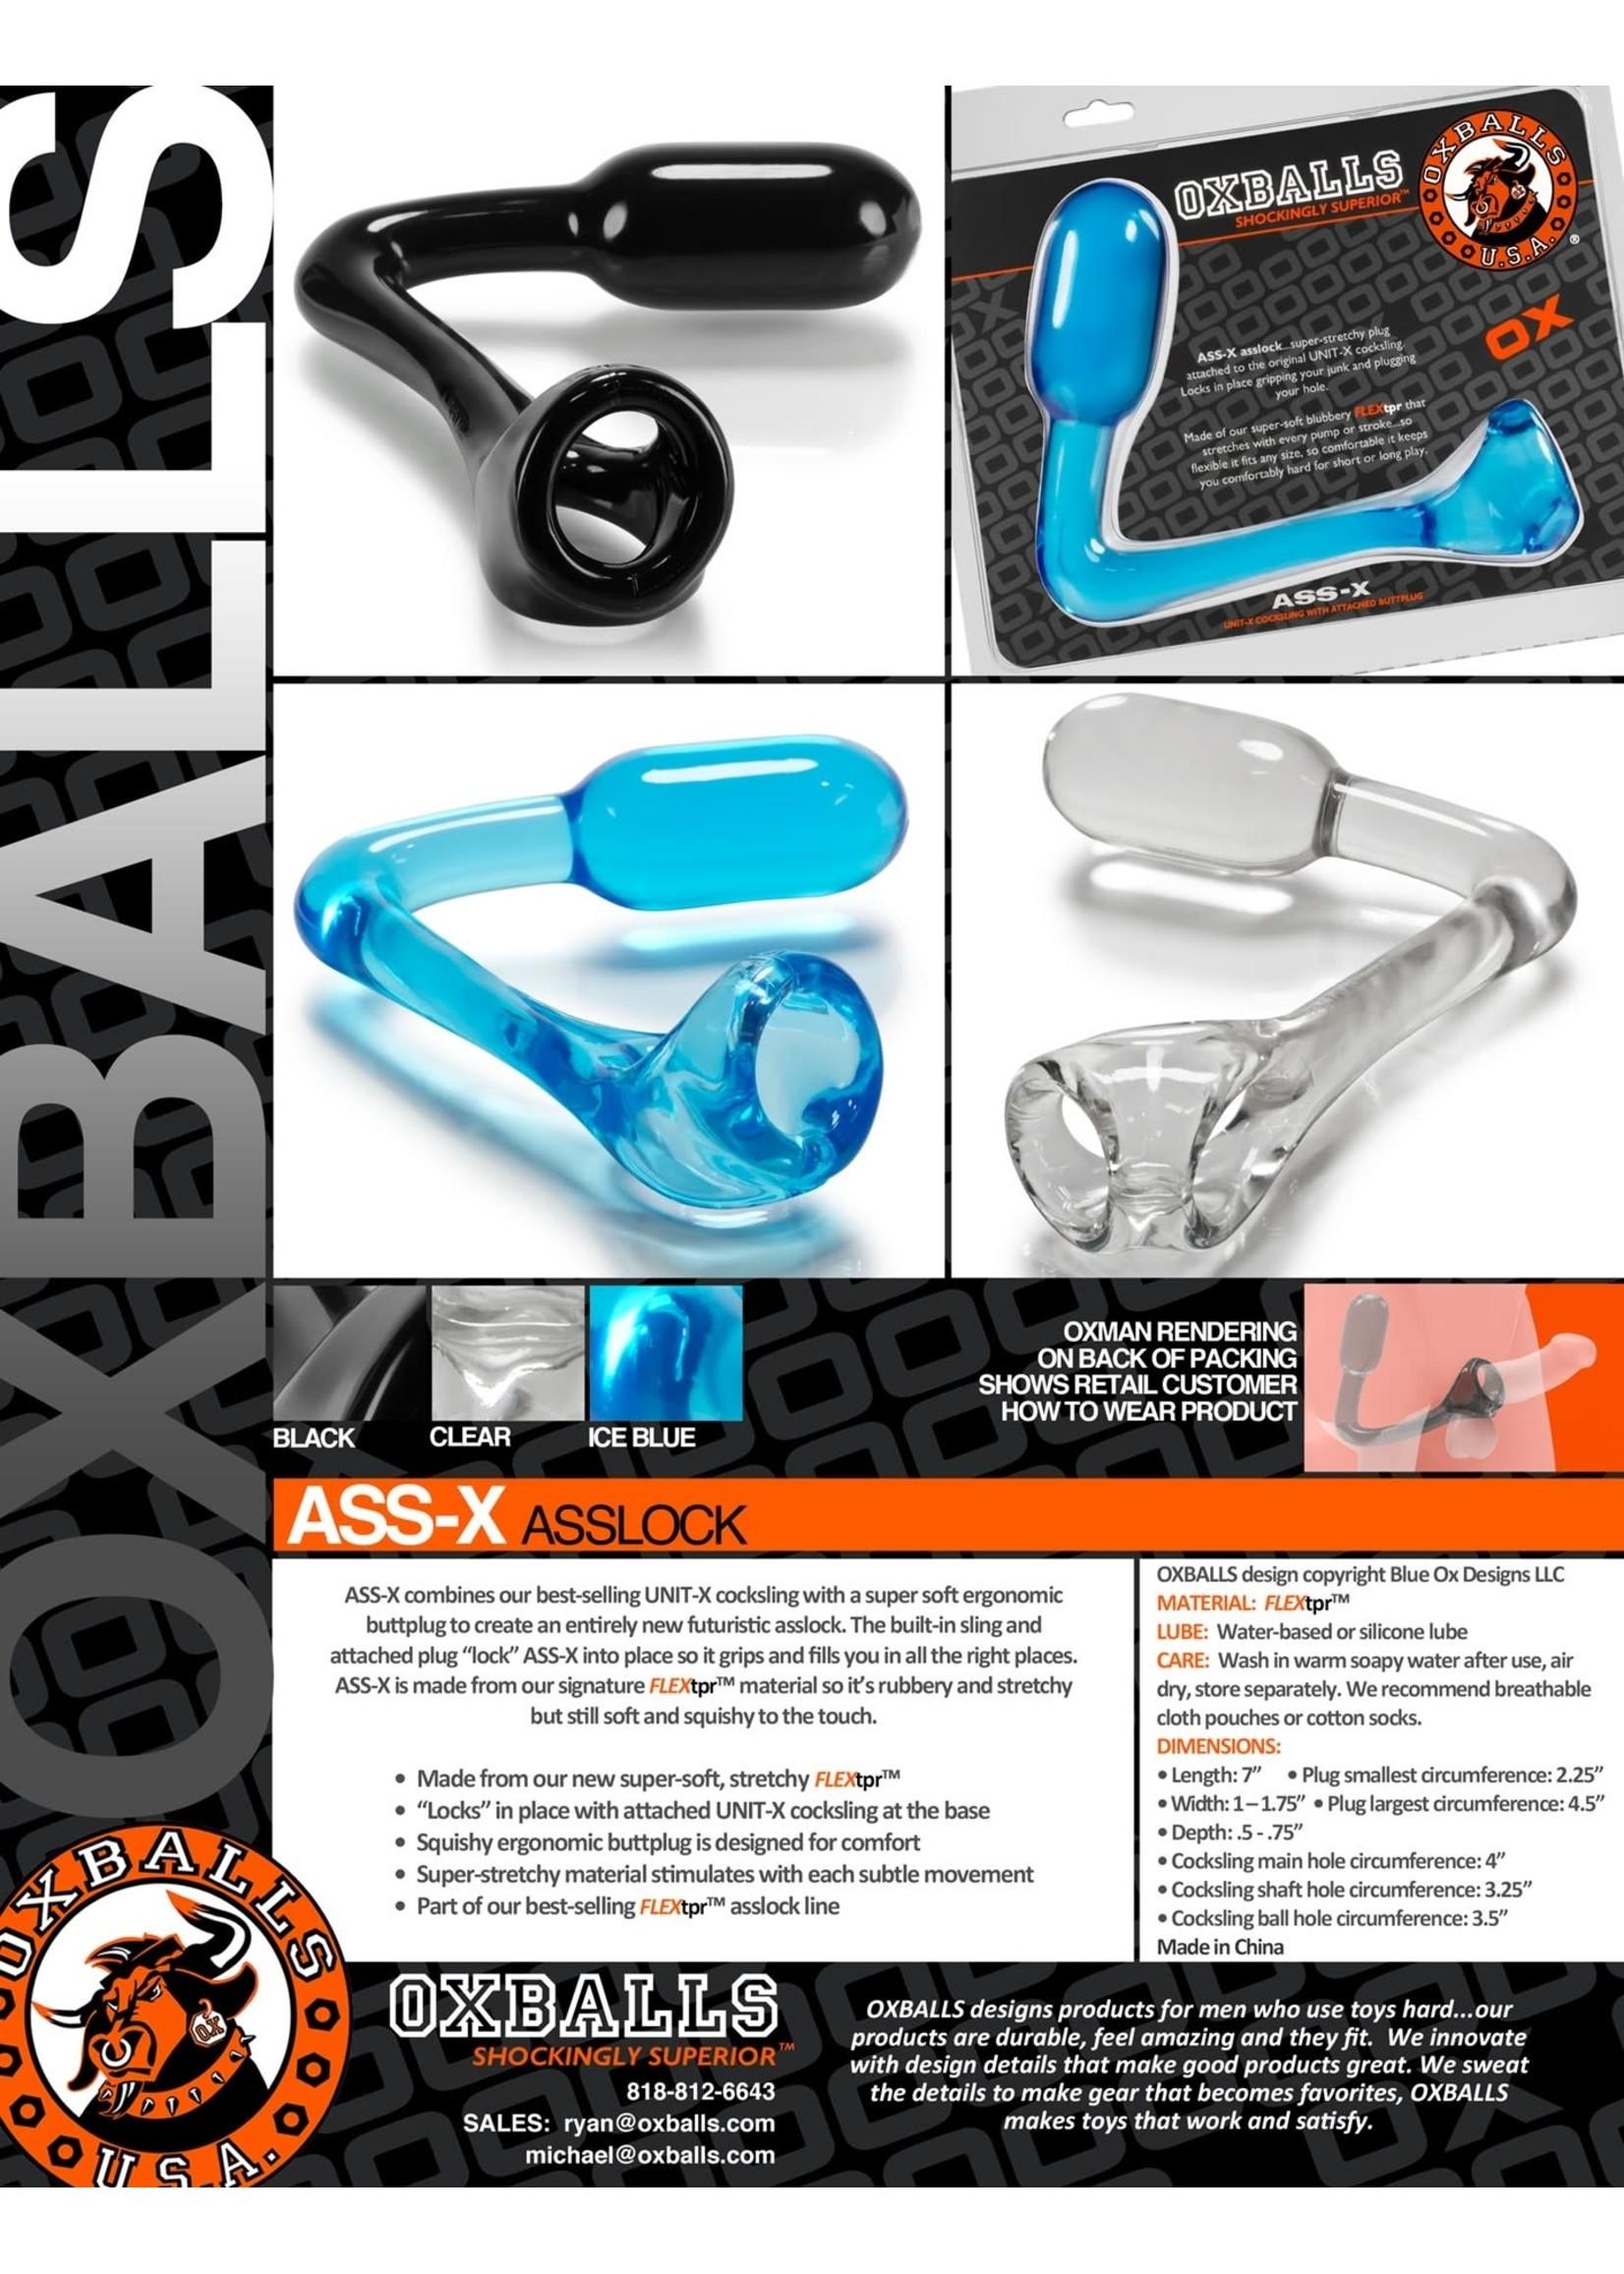 Oxballs Oxballs Ass-X Asslock